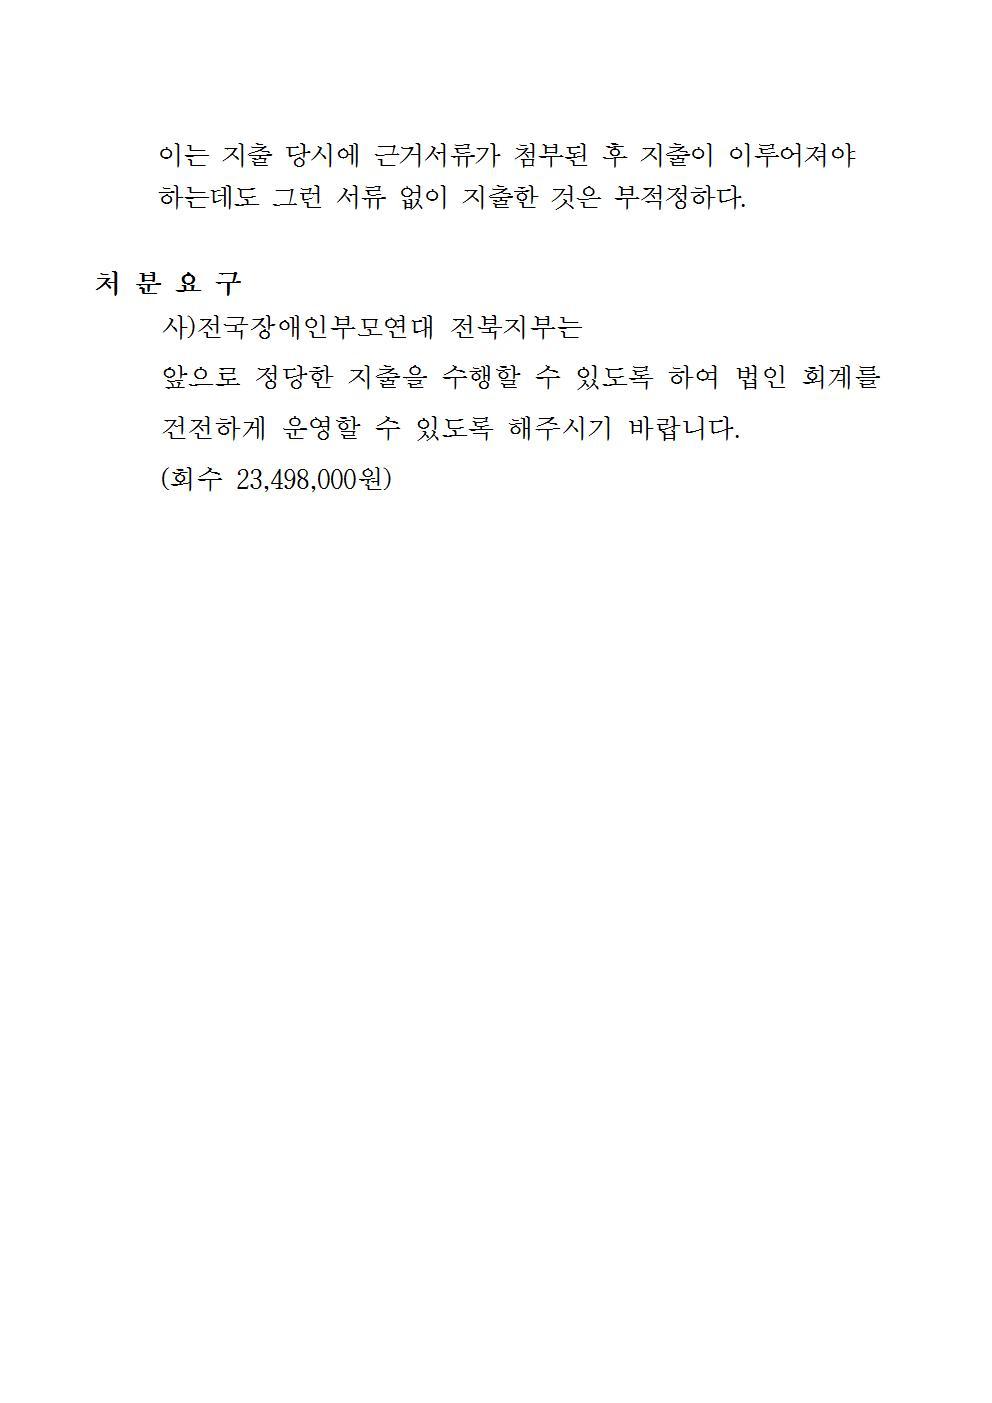 붙임) 처분요구서_전주시 생활복지과-37898(2017.9.1)호(공개용)020.jpg